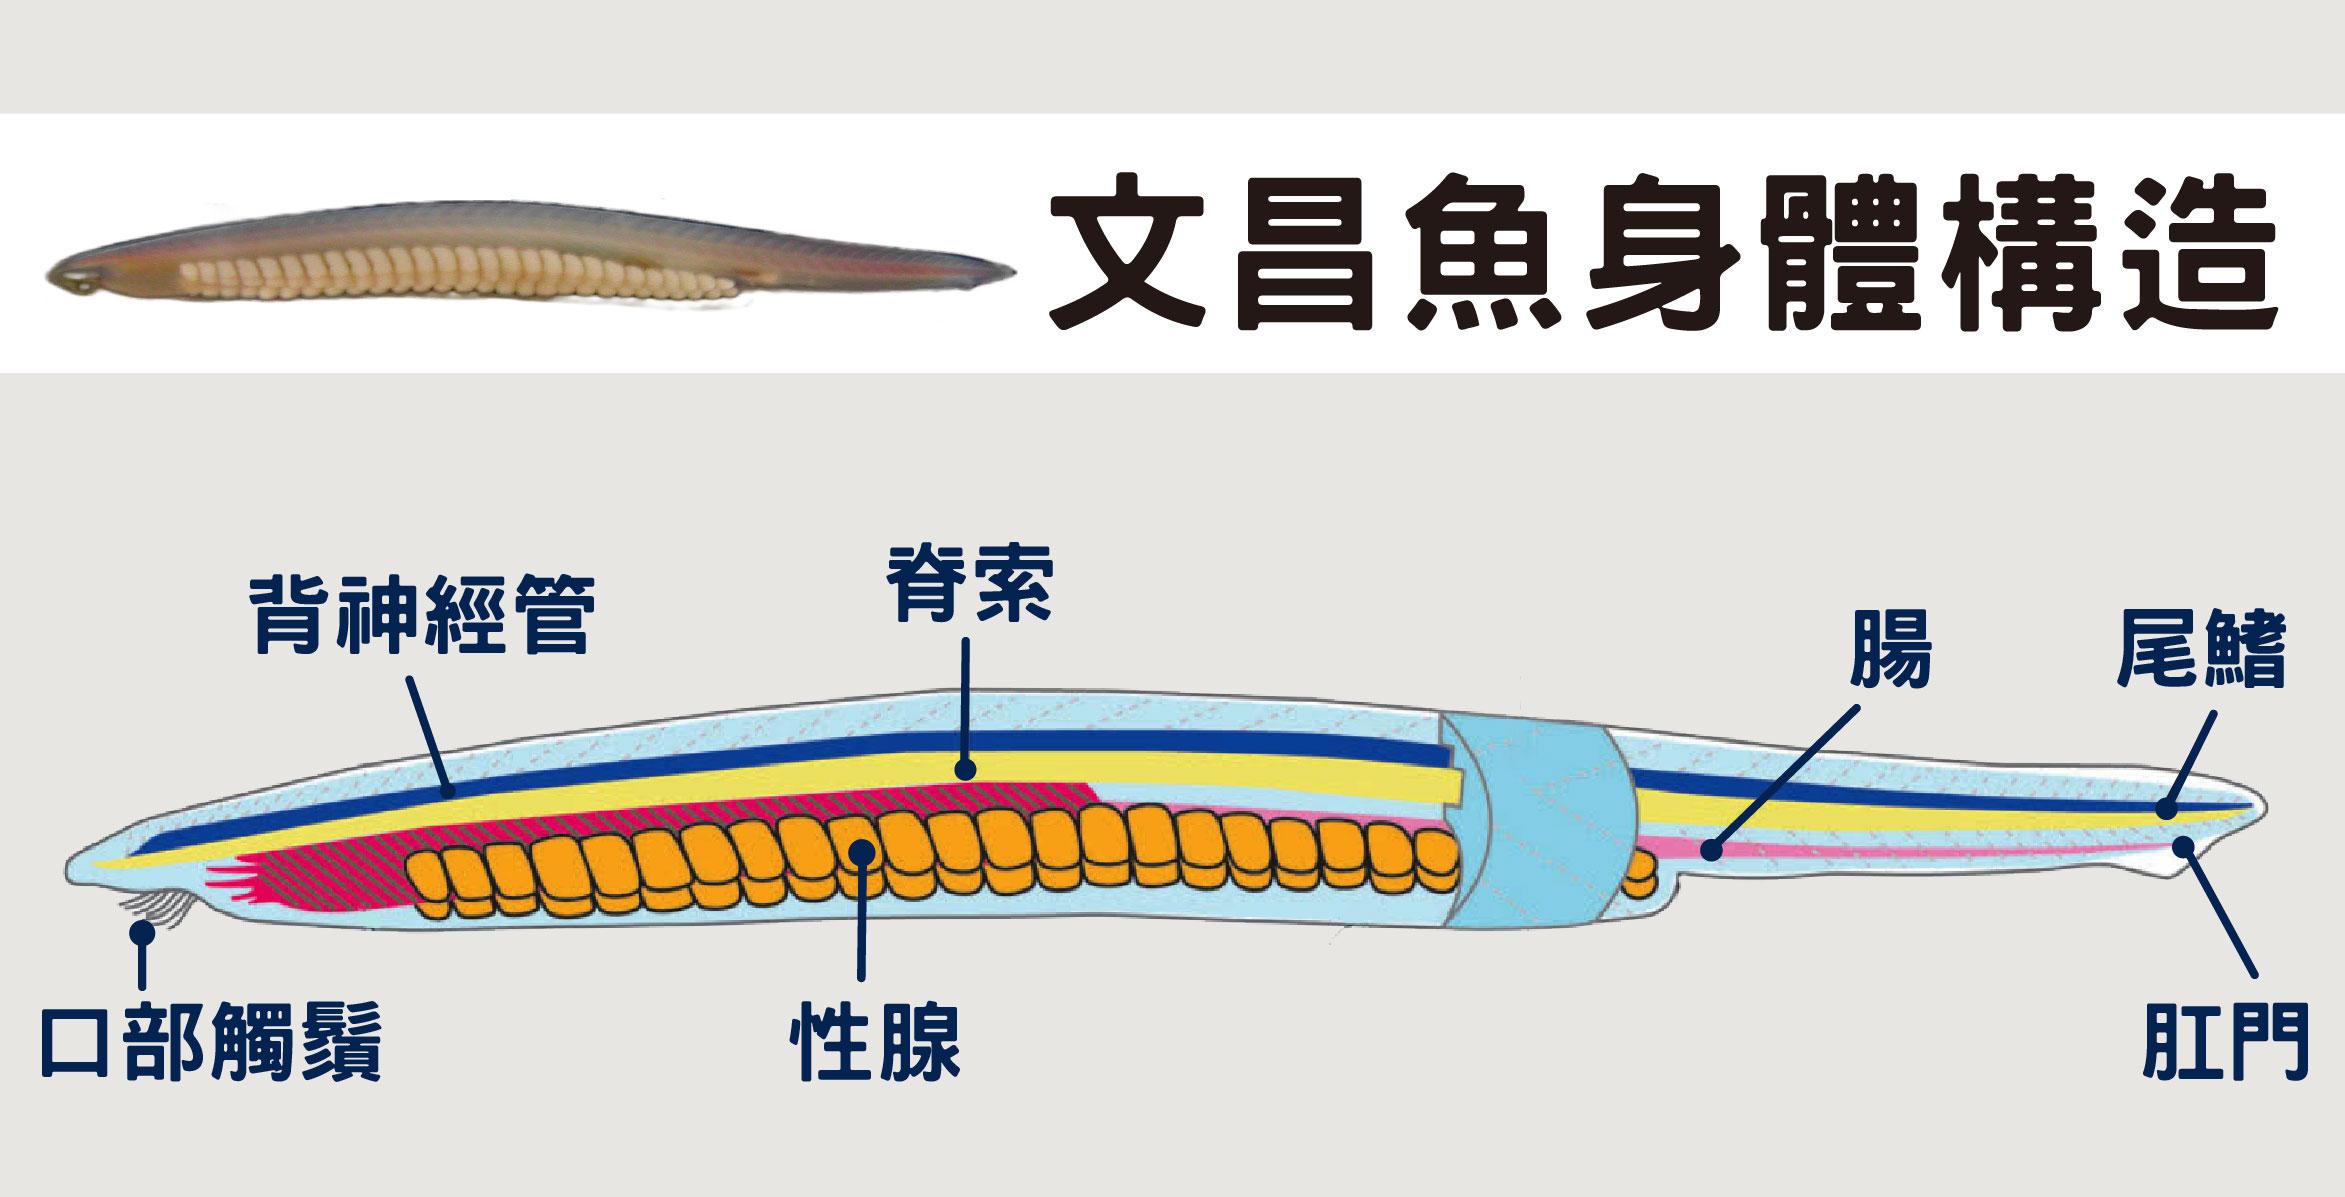 圖為脊索動物代表——文昌魚。脊索動物門包含頭索動物、尾索動物、脊椎動物,共同特徵是在個體發育過程或某時期有 (支撐身體的) 脊索、背神經管 (神經集合成一束) 和分節的肌節,脊椎動物 (如人類) 又多了脊椎骨和發達的頭部。圖片來源│游智凱圖片重製│林洵安